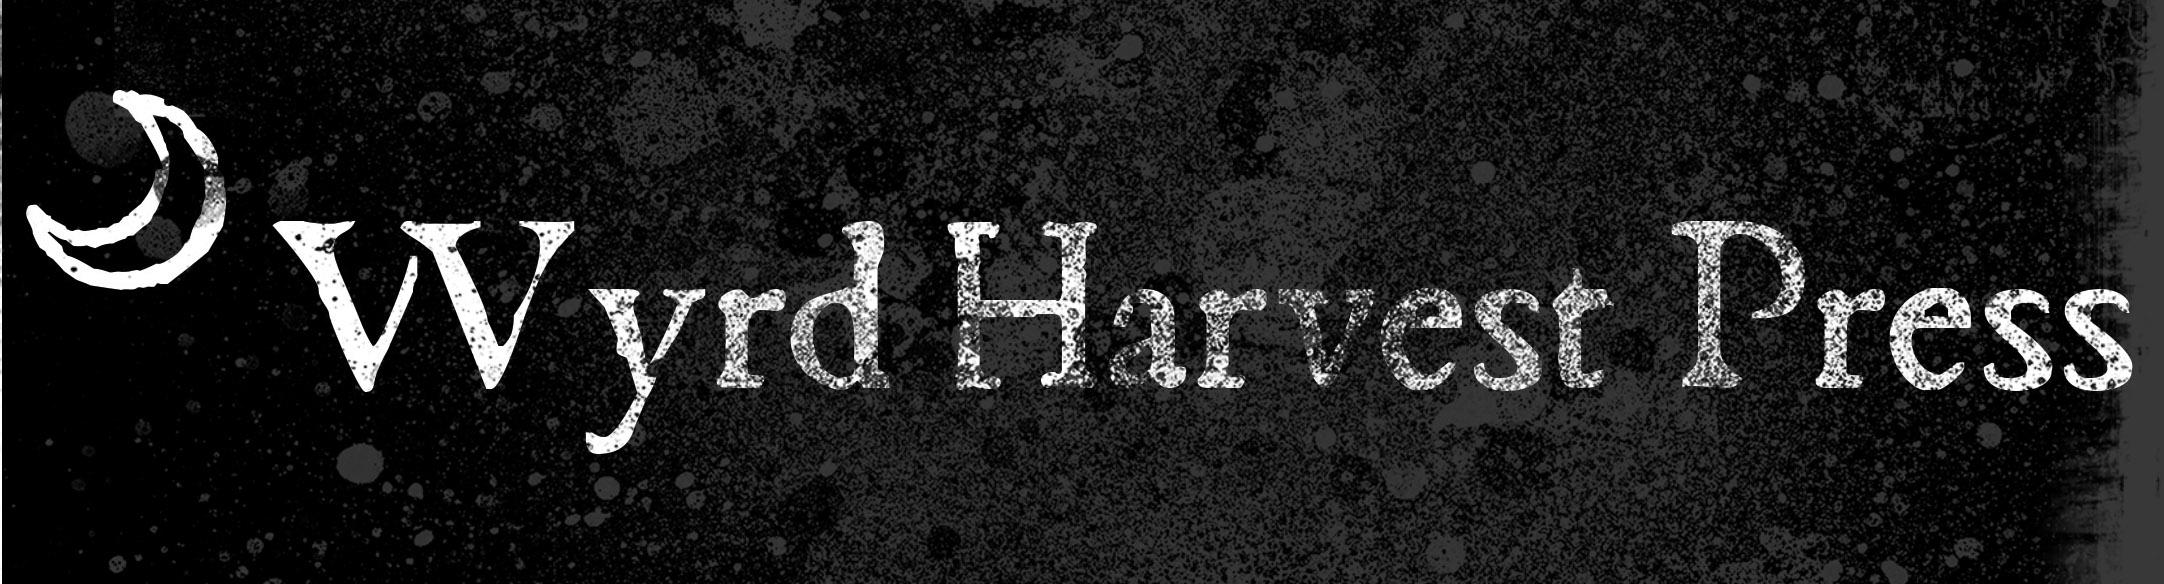 wyrd harvest logo2a